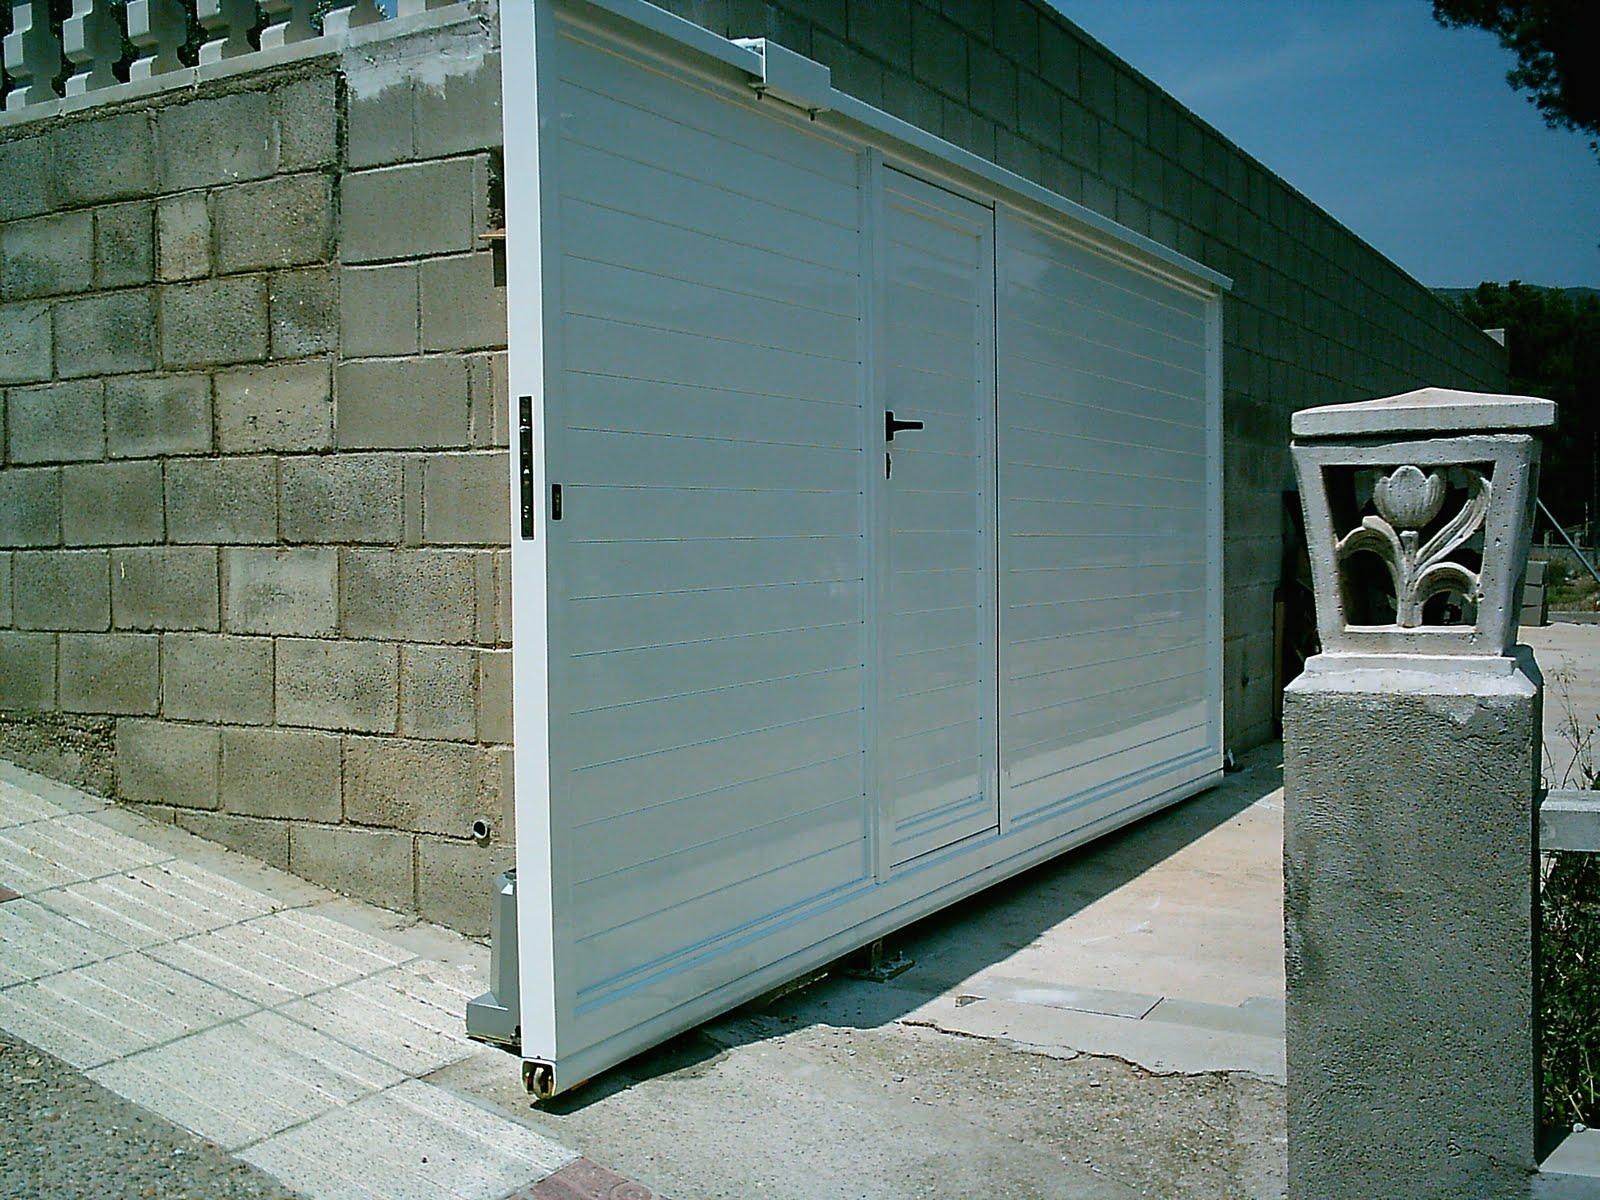 Puerta corredera de aluminio puerta corredera de vidrio - Puerta vidrio corredera ...